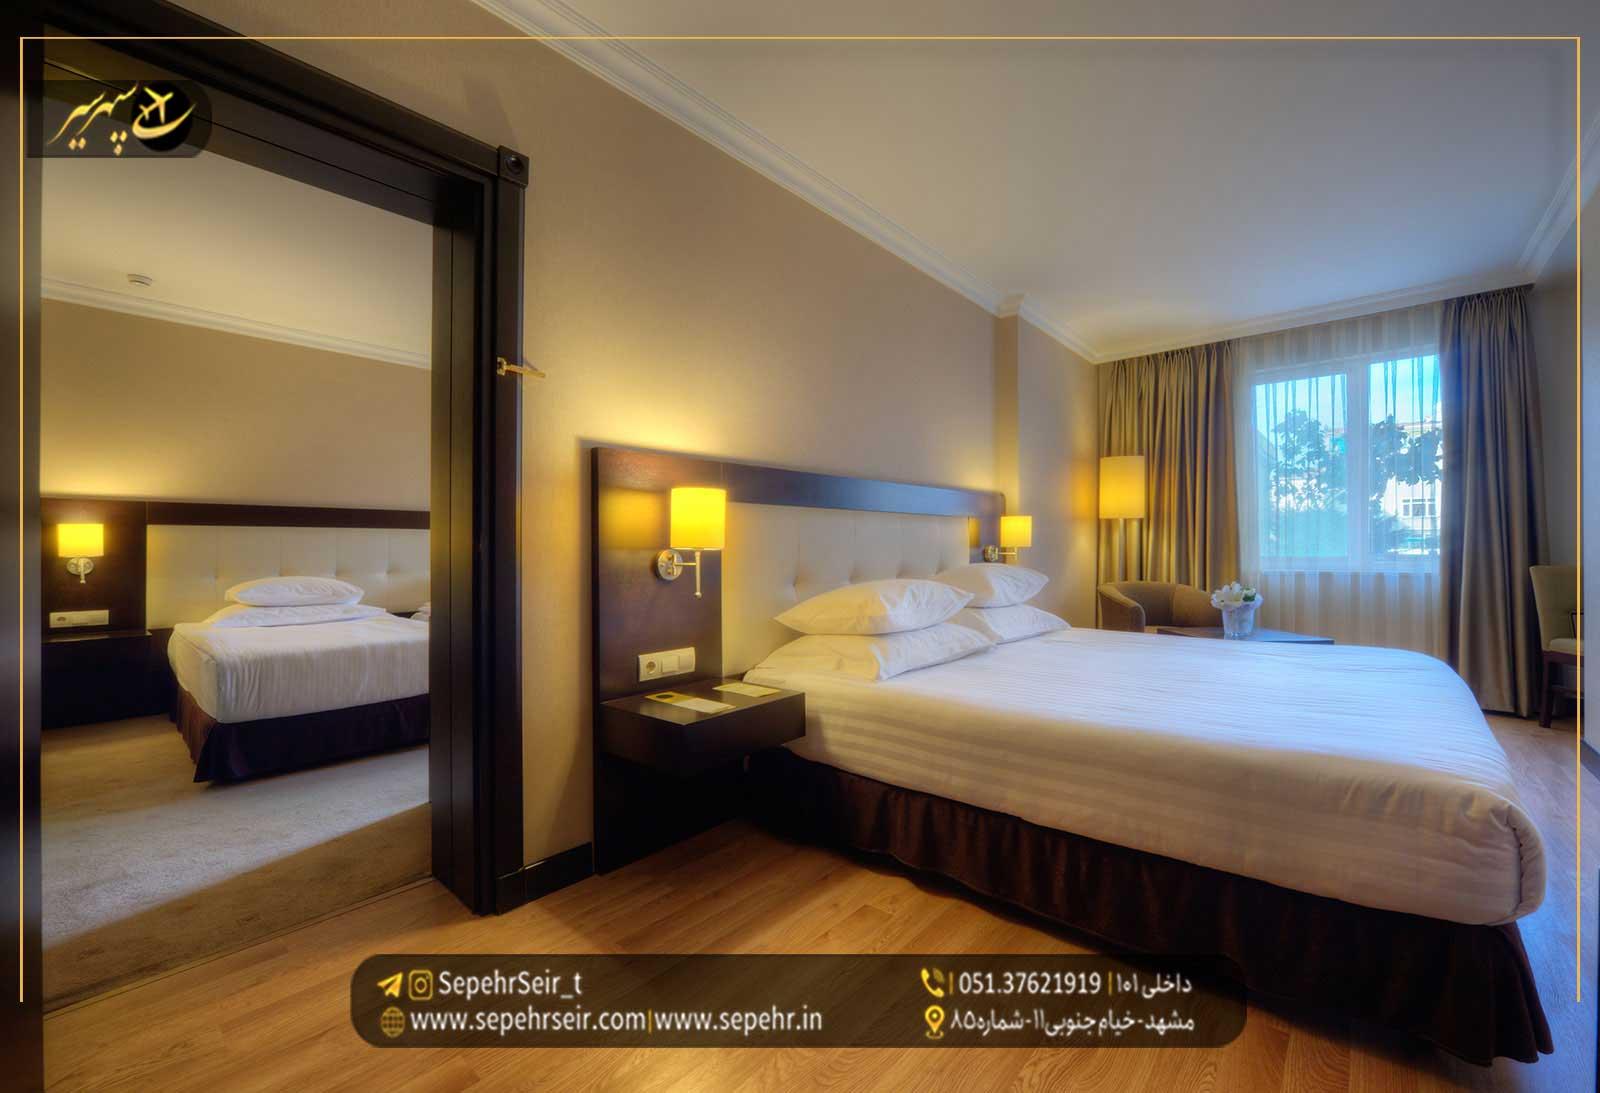 با انواع اتاق های هتل آشنا شوید - مجله سپهرسیر